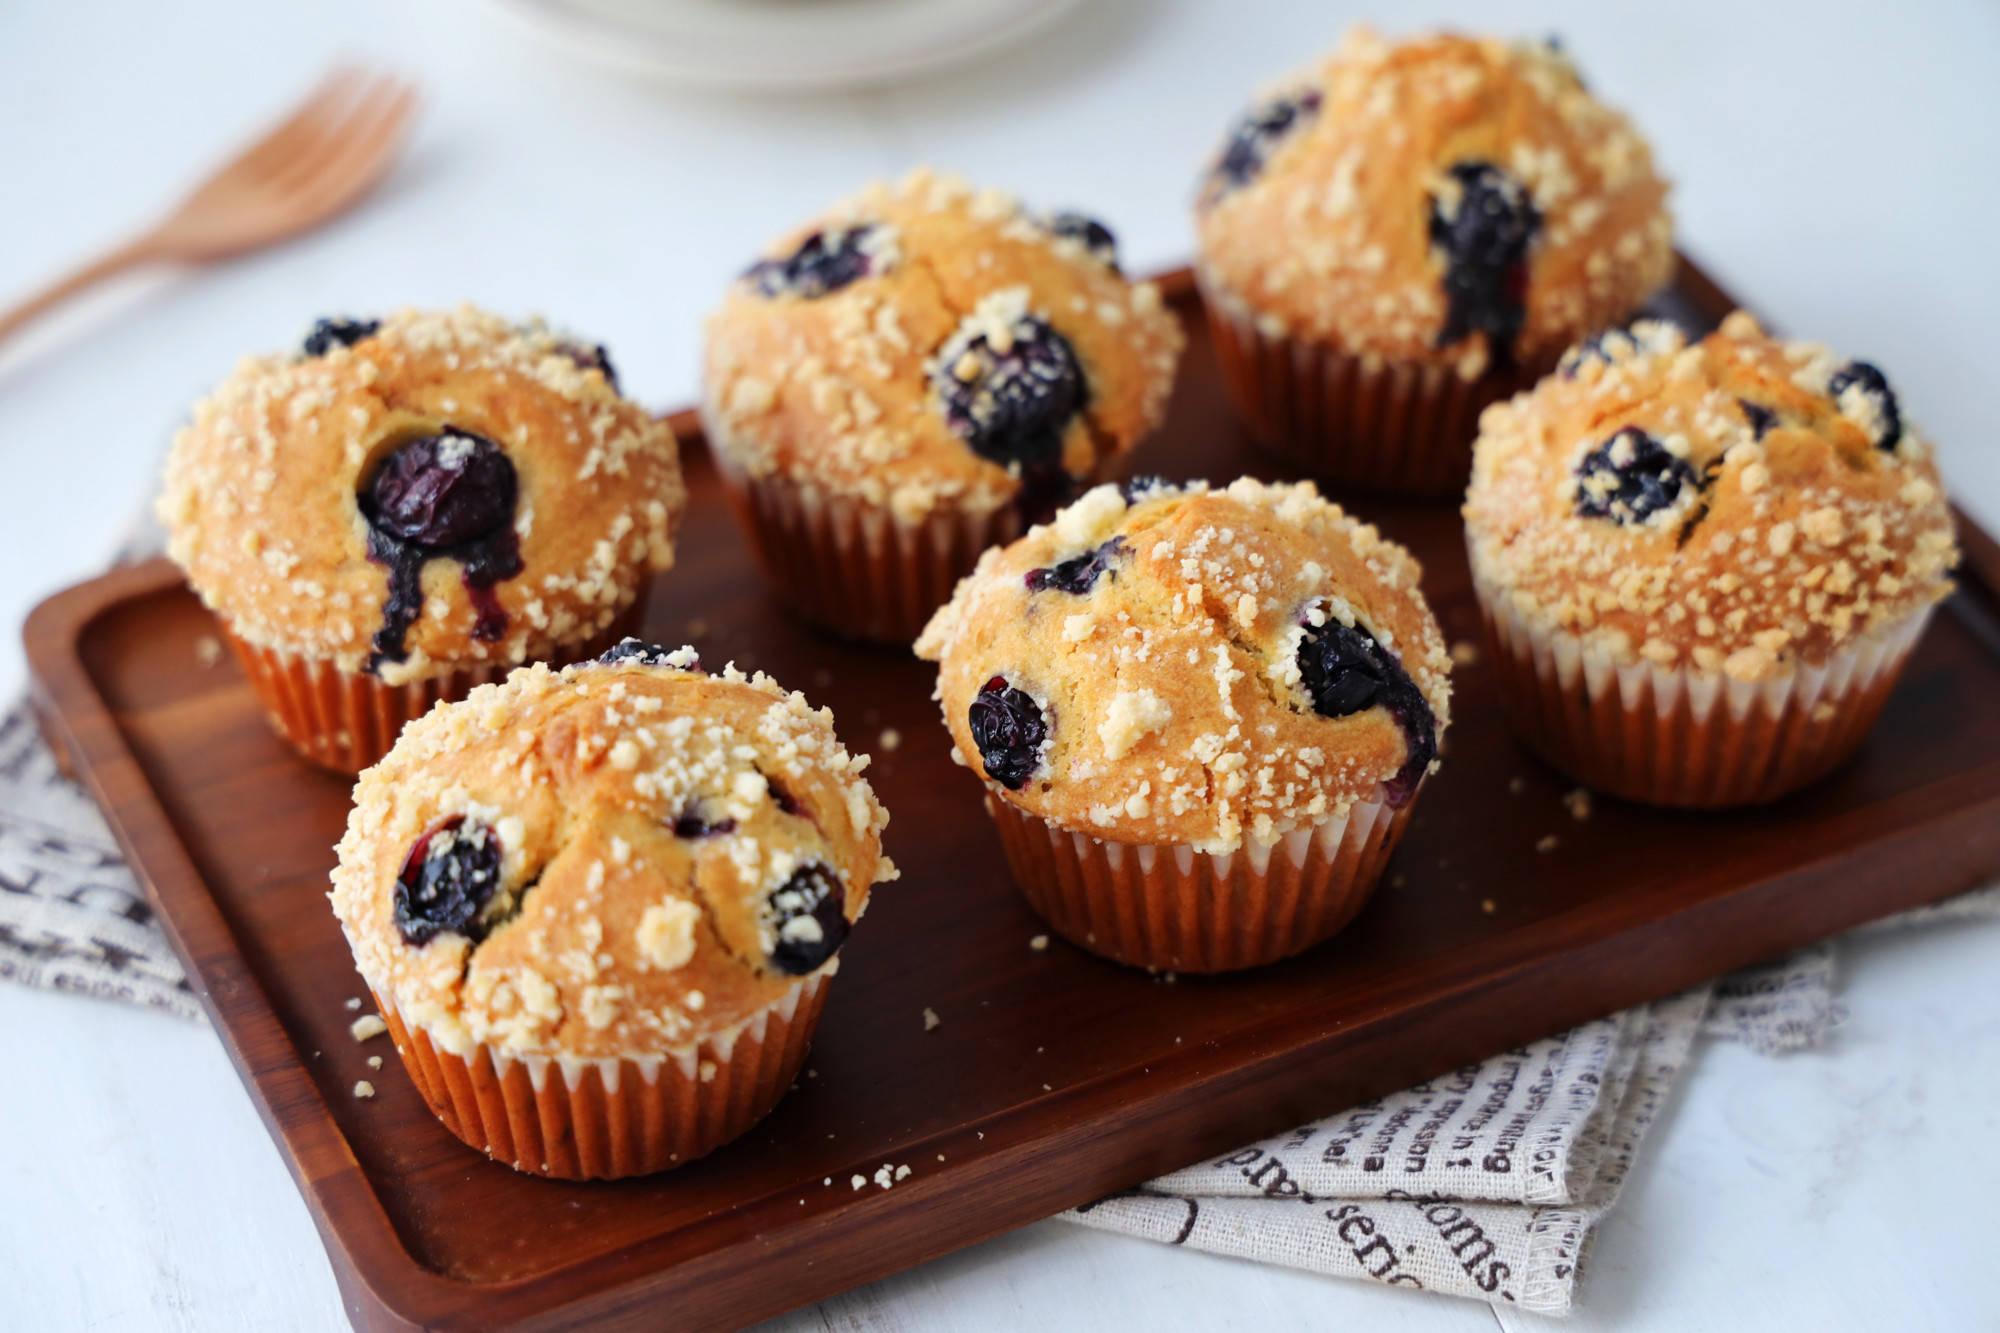 最初的两个鸡蛋,半碗面粉,一个可以简单混合的蛋糕,既可以作为早餐也可以作为甜点